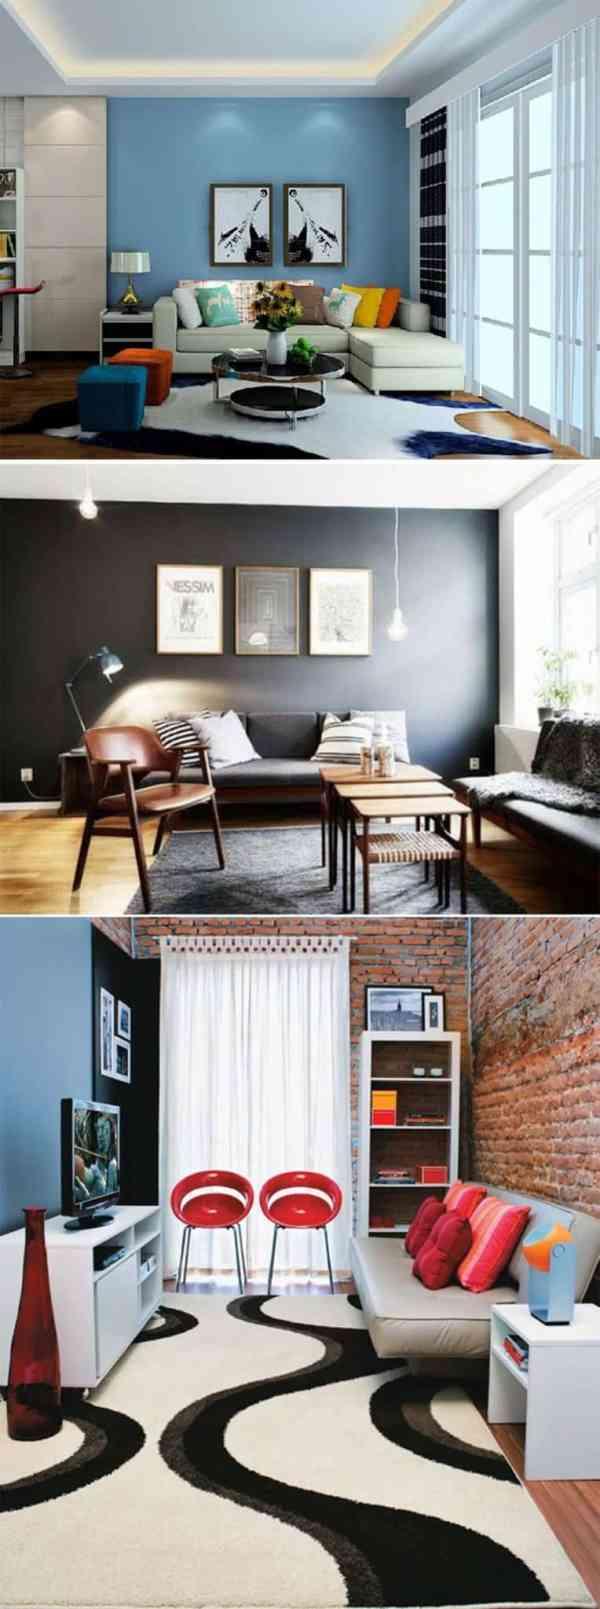 6 Ideias Ador Veis Para Uma Sala Mais Colorida Decorar Com Charme -> Sala De Estar Decorada Para Apartamento Pequeno